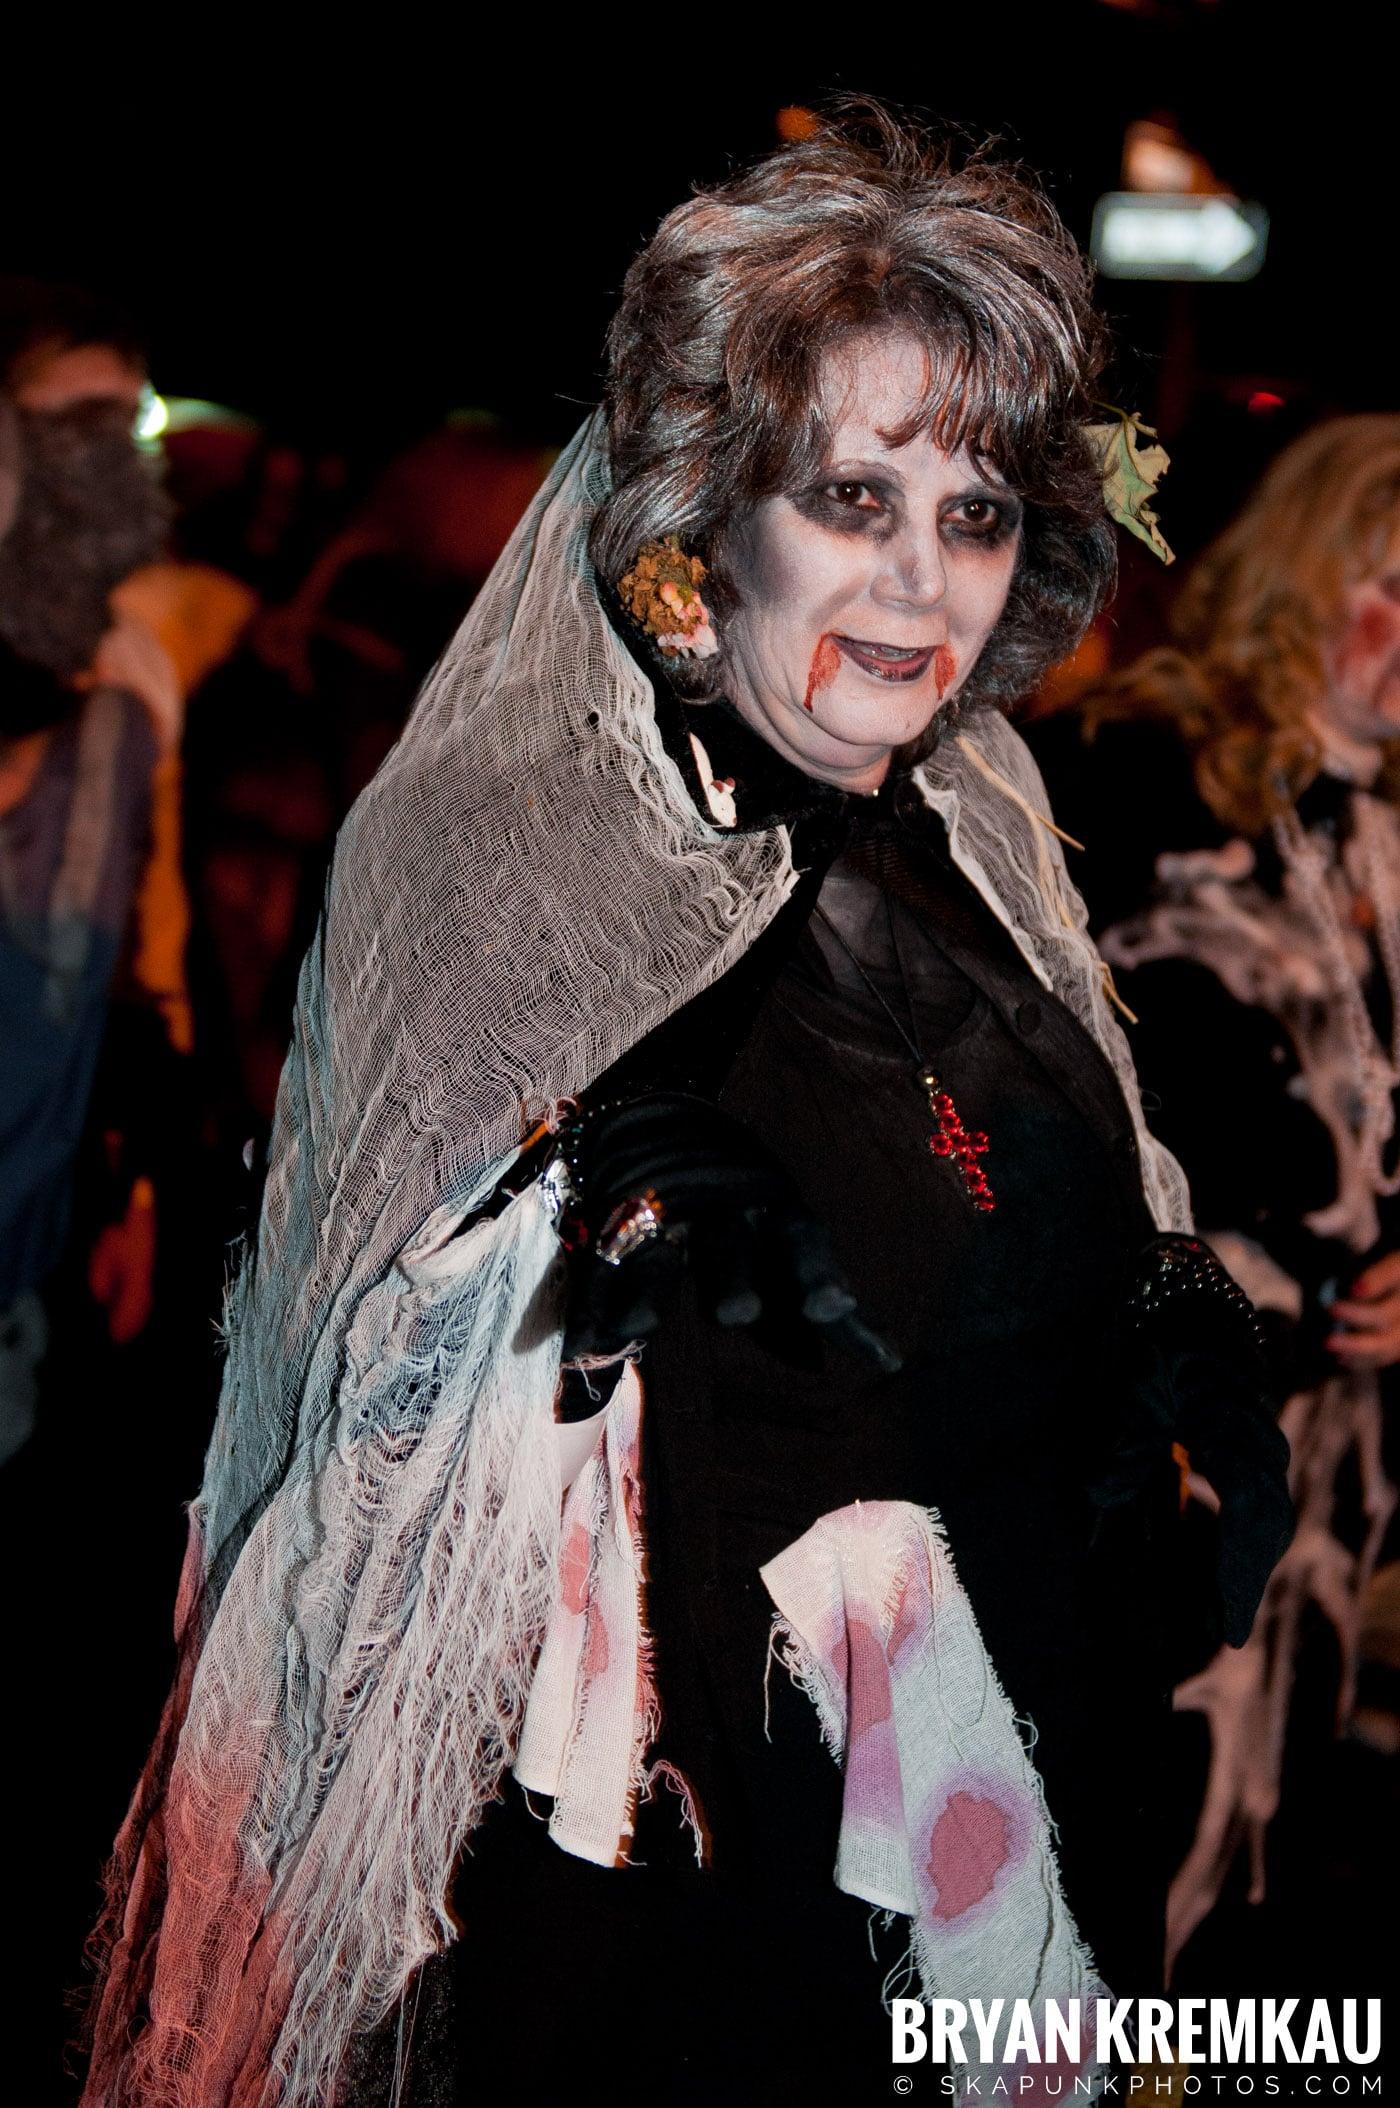 NYC Halloween Parade 2011 @ New York, NY - 10.31.11 (79)